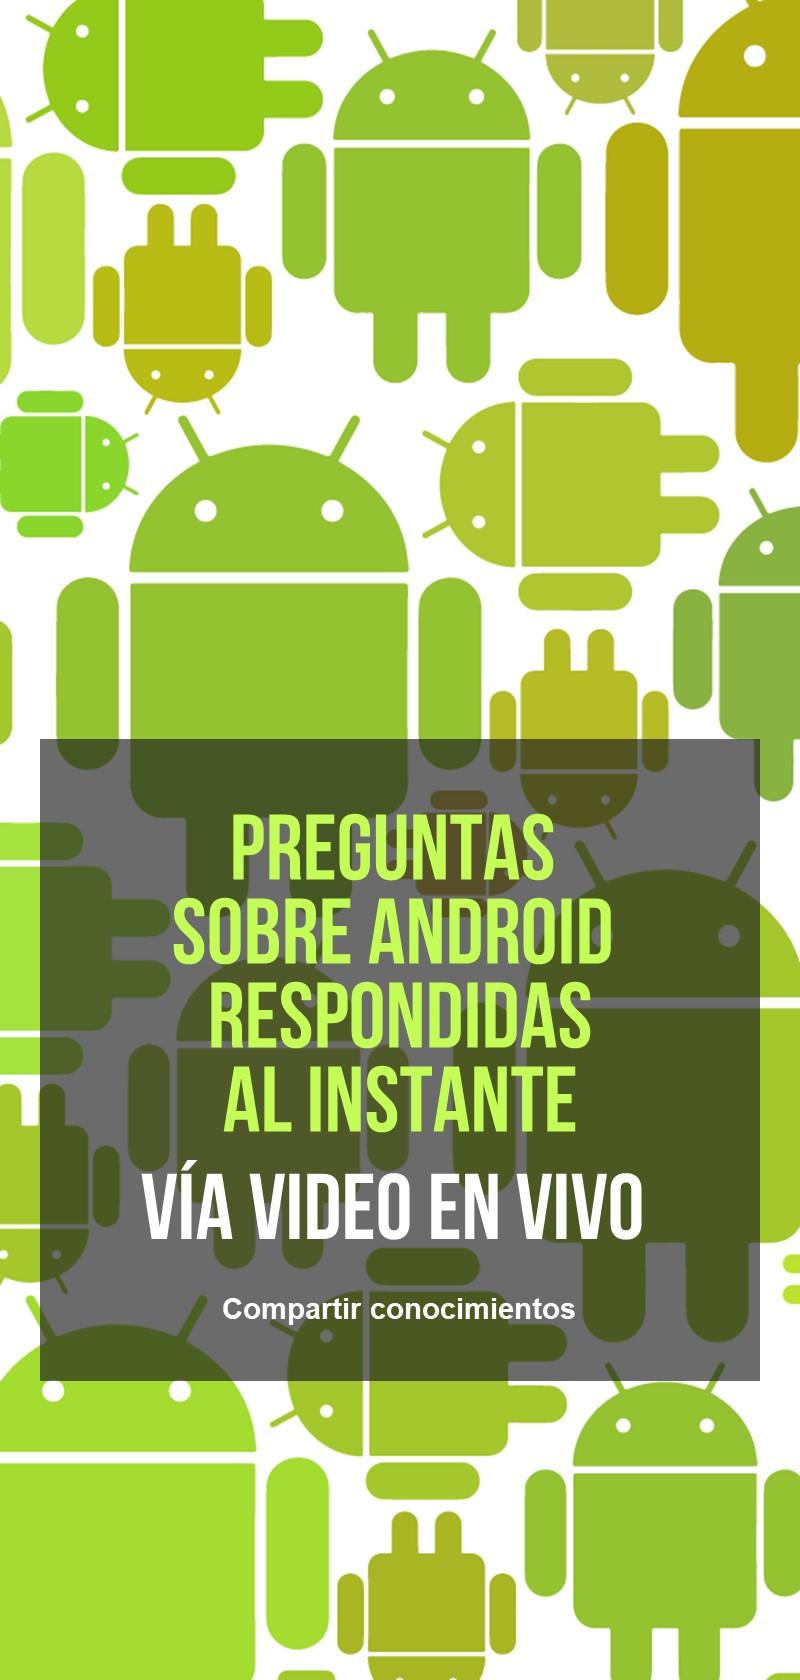 Preguntas sobre Android